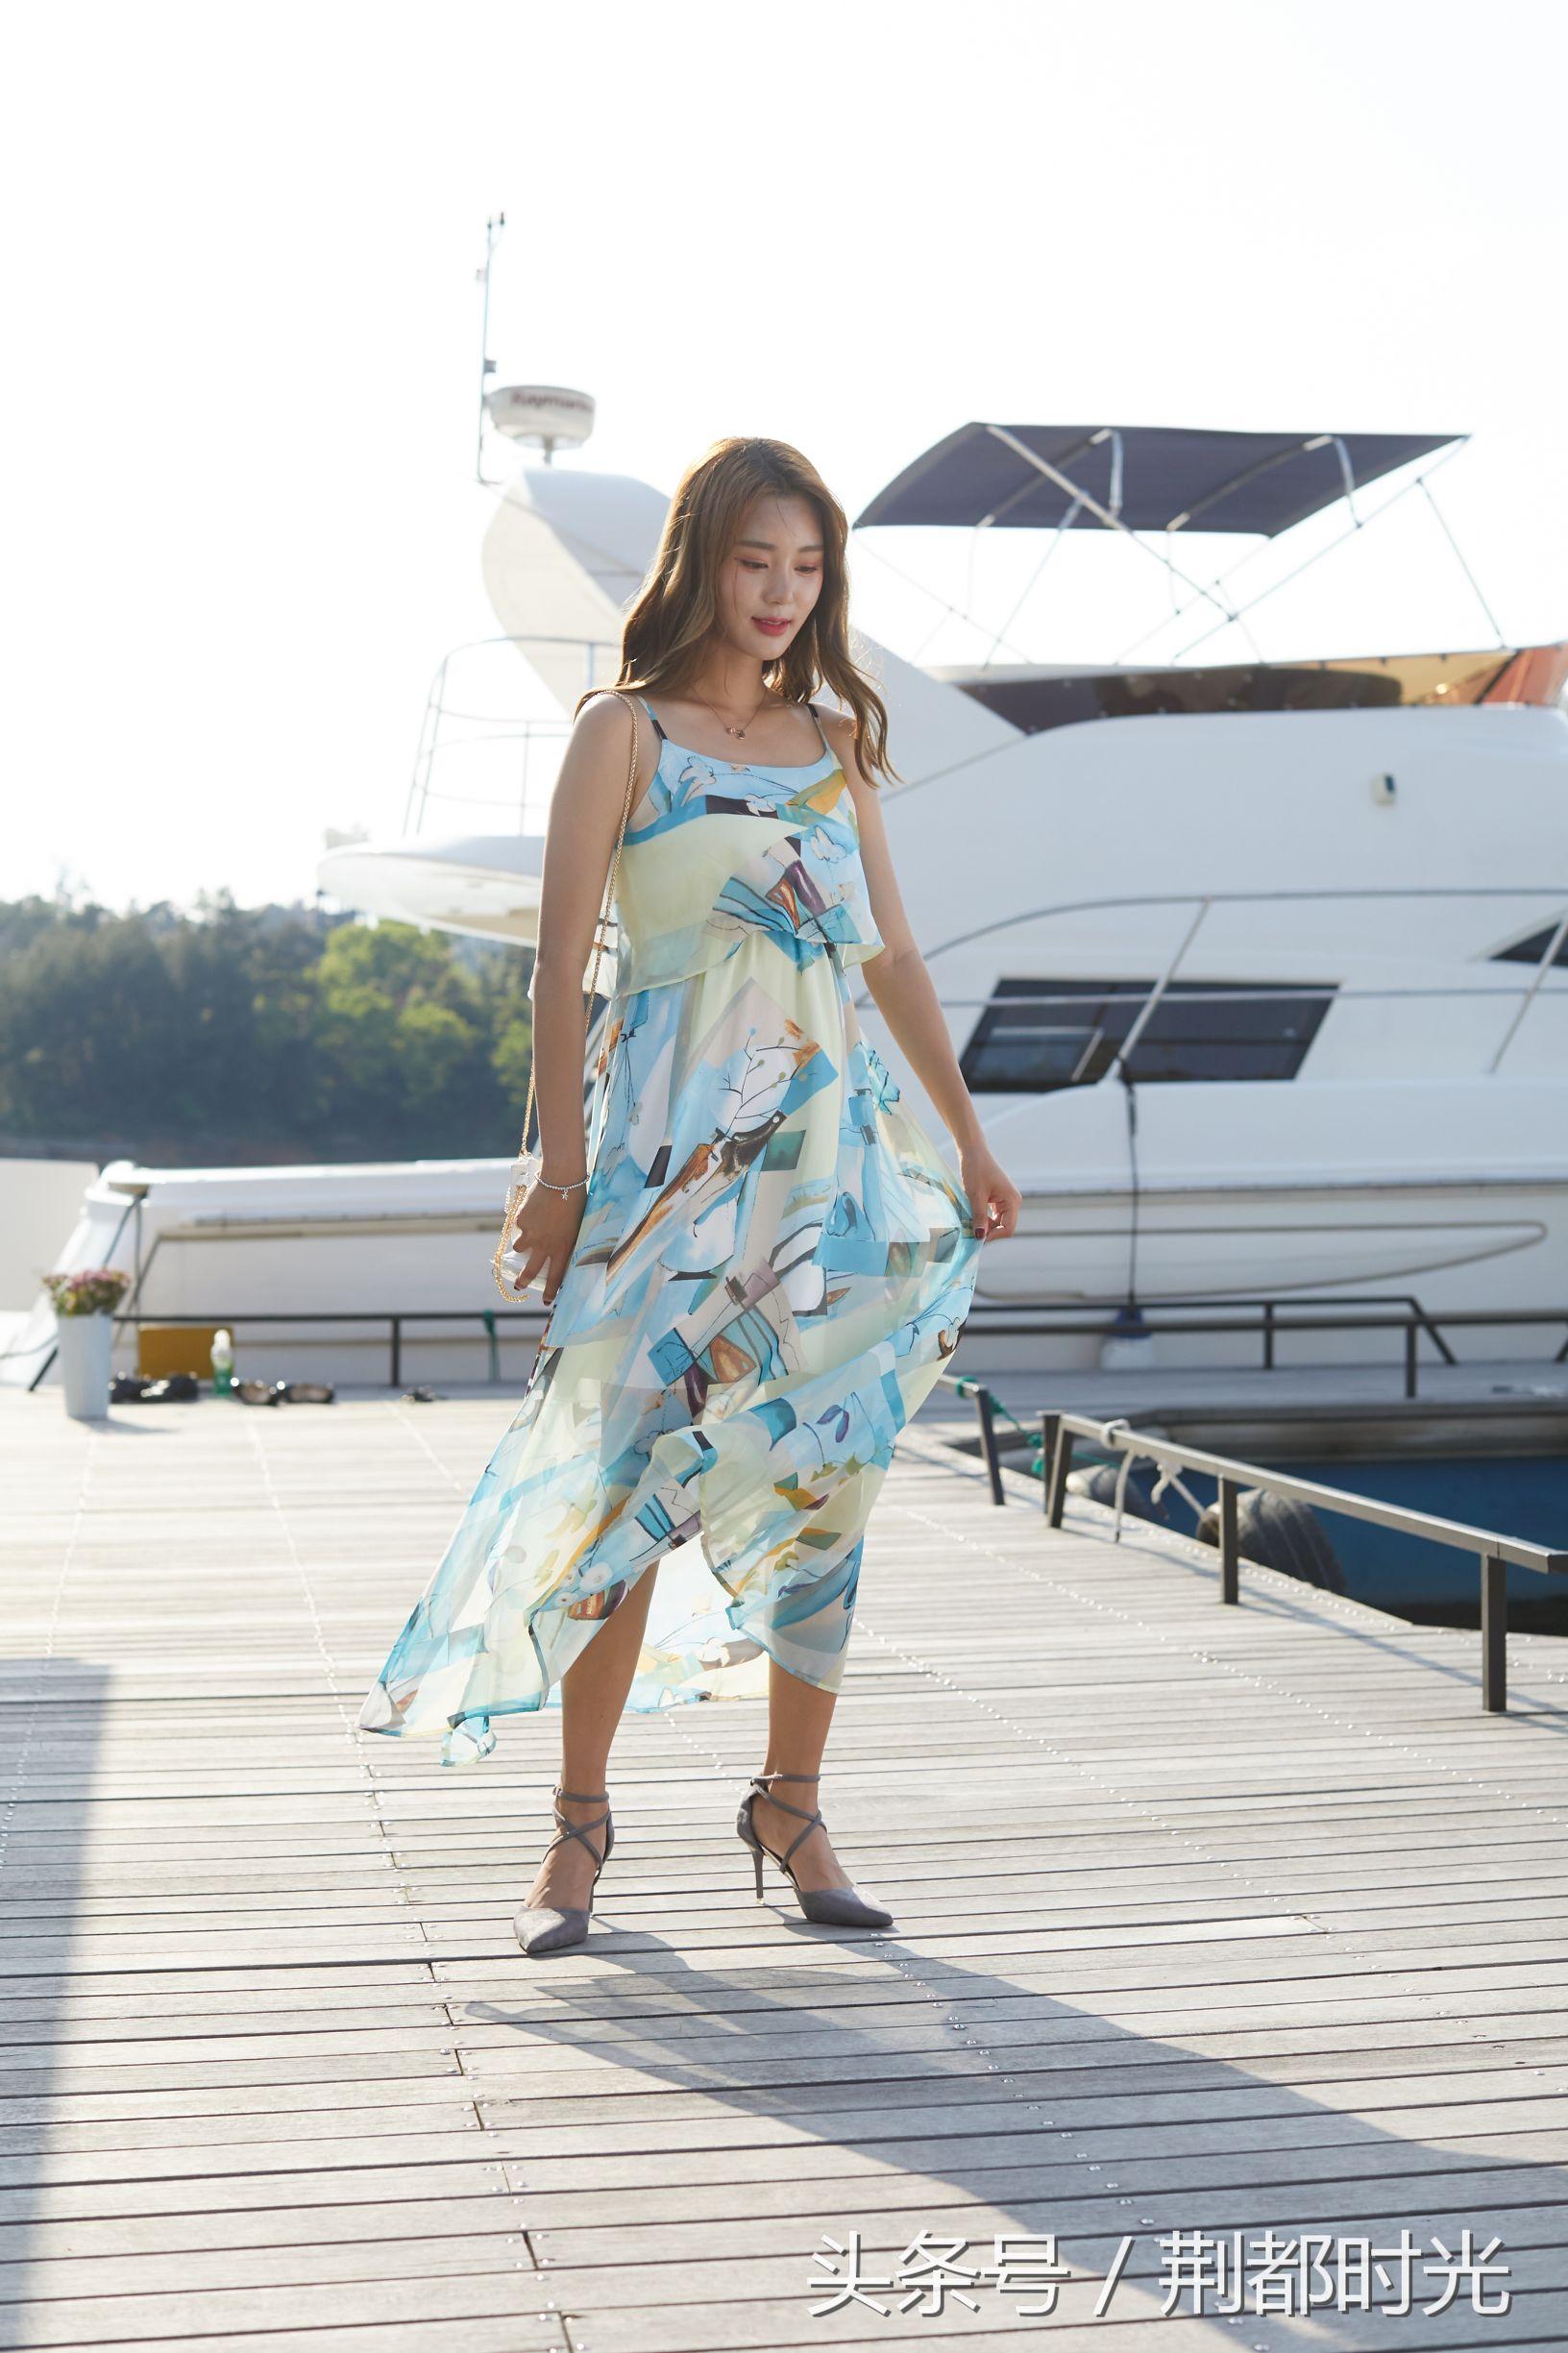 人像摄影美女模夏季连衣裙女神夏季大长腿必备图片